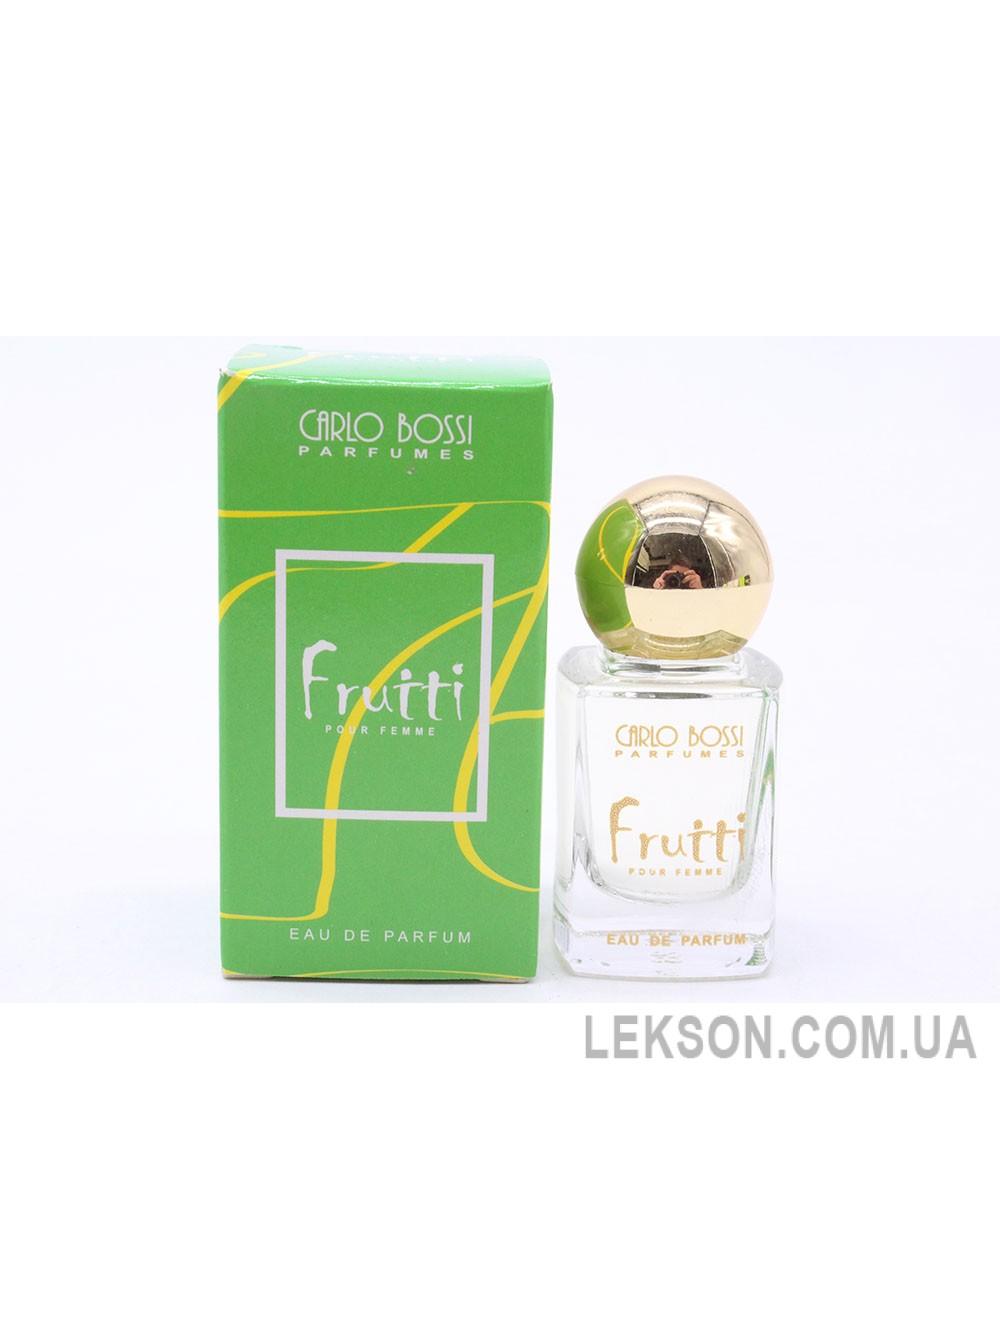 Женский парфюм тестер: CB-113089 10мл